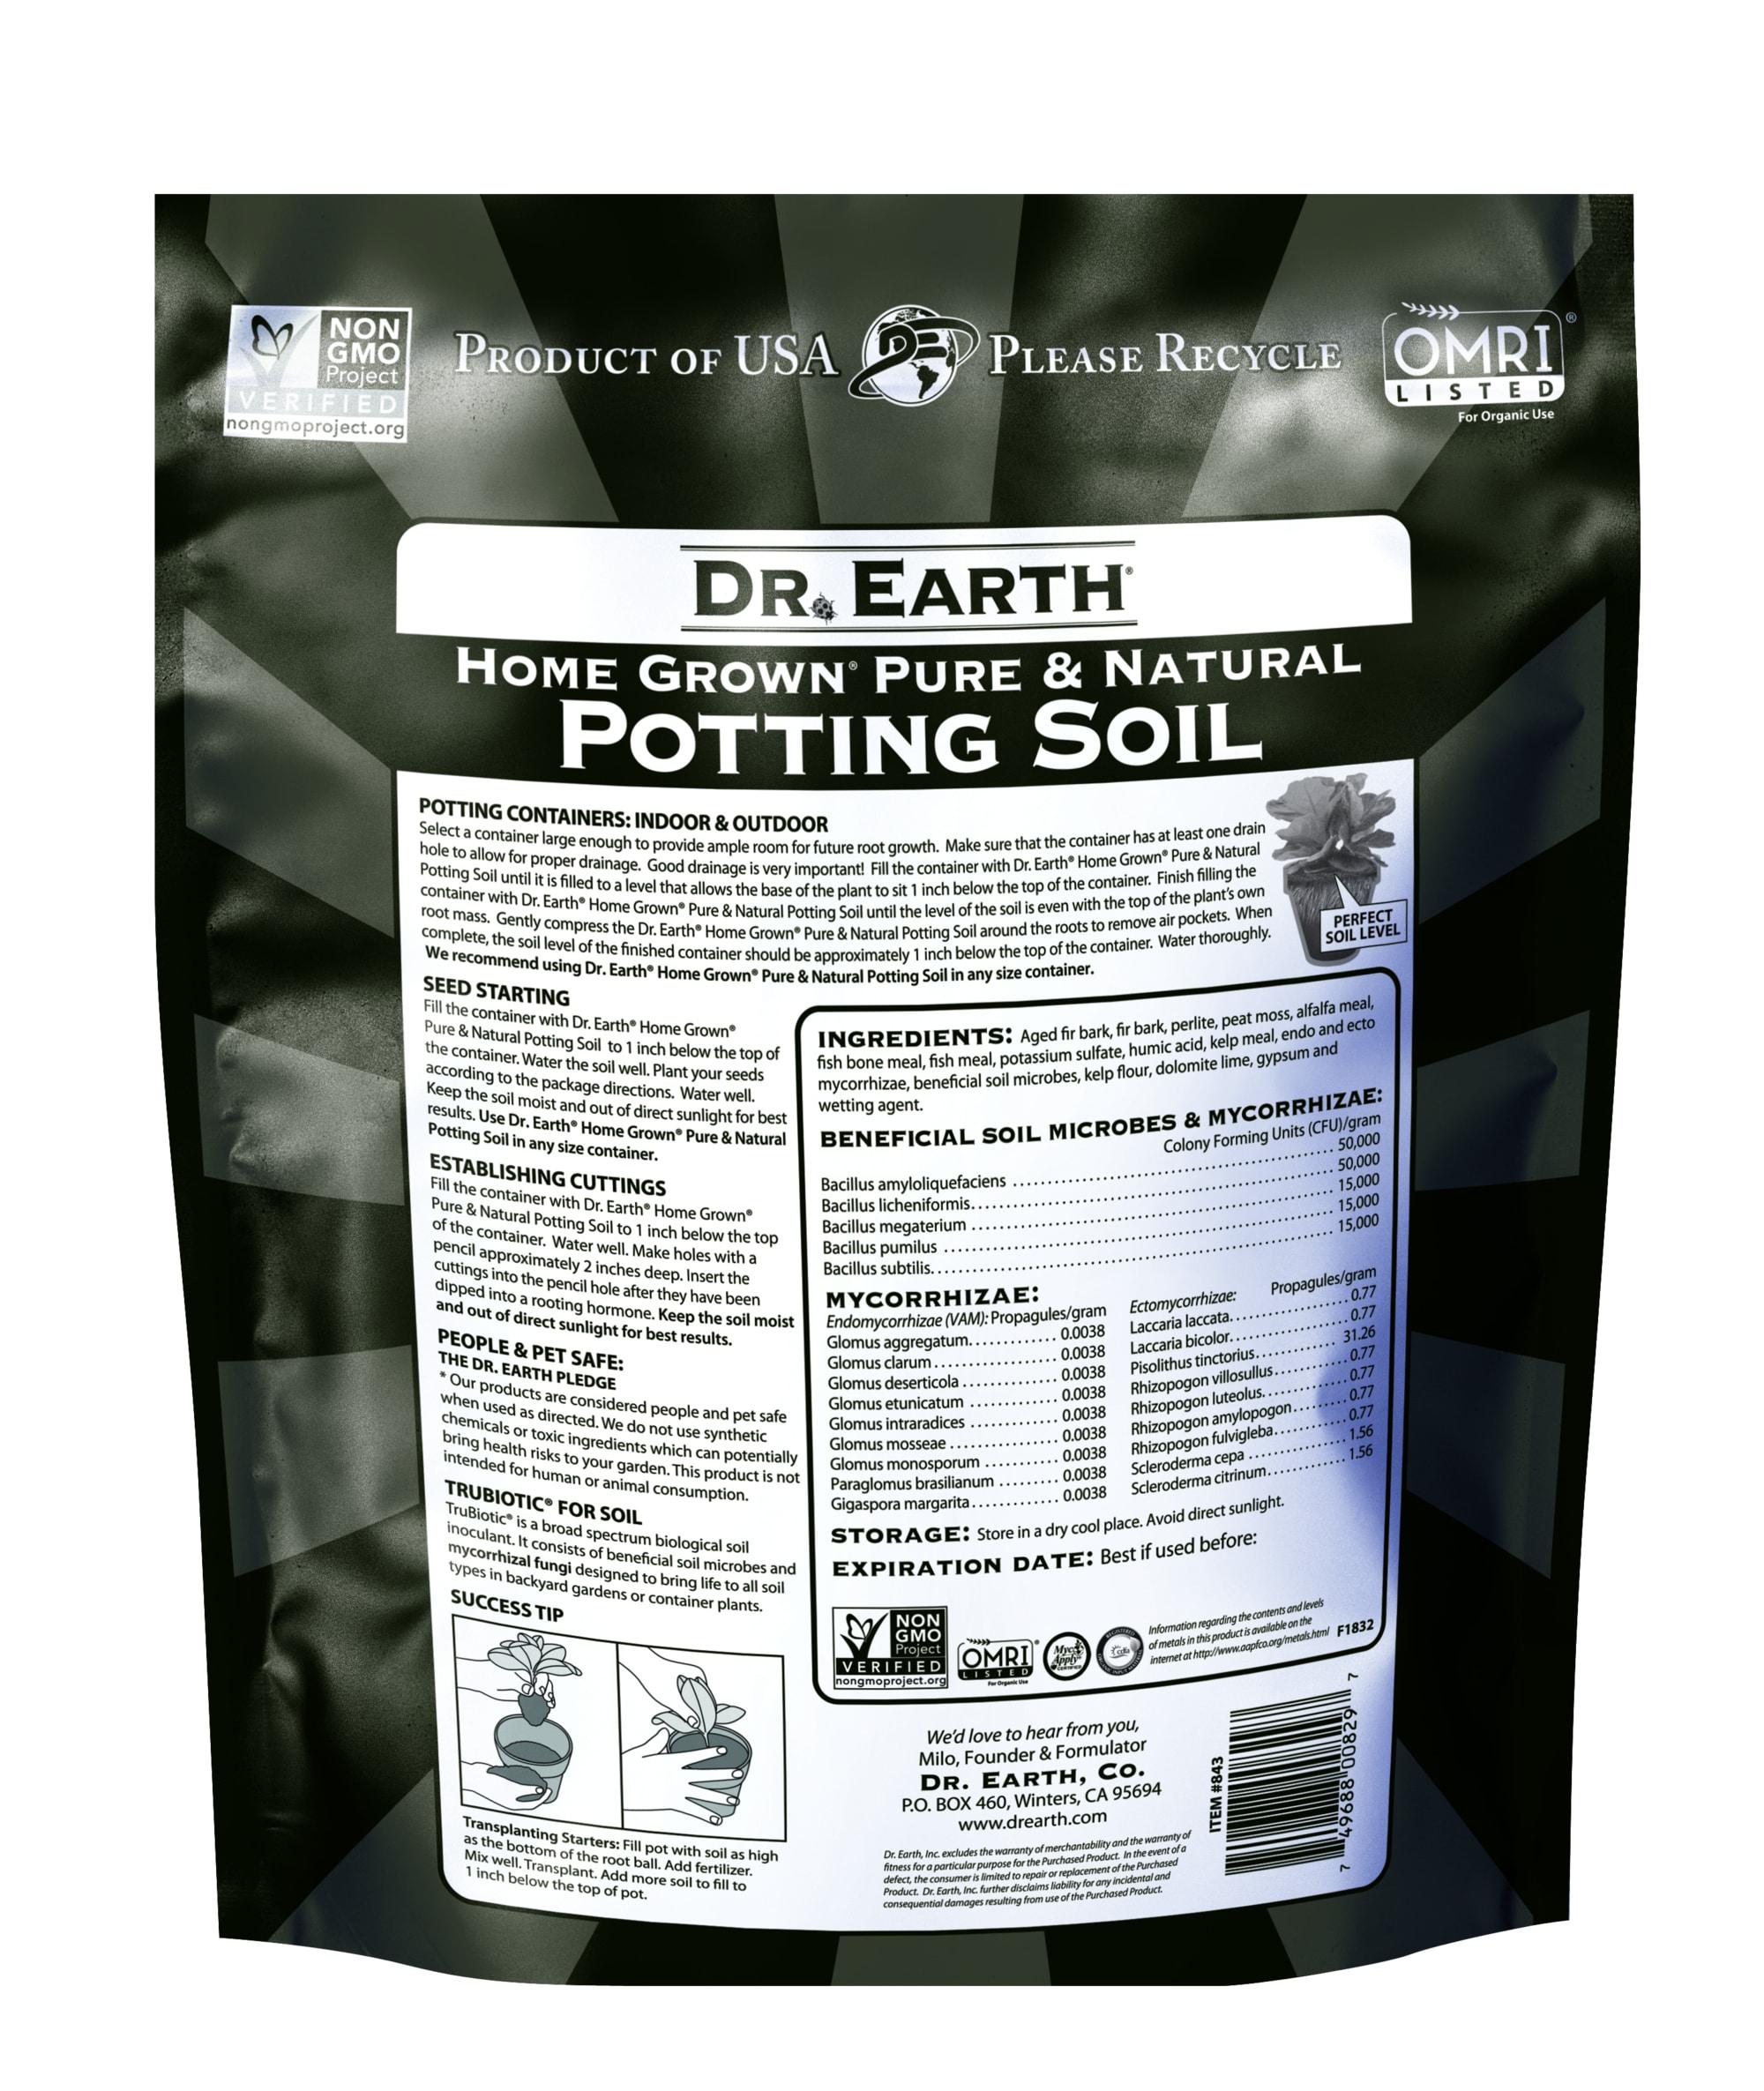 Home Grown Potting Soil Back Information